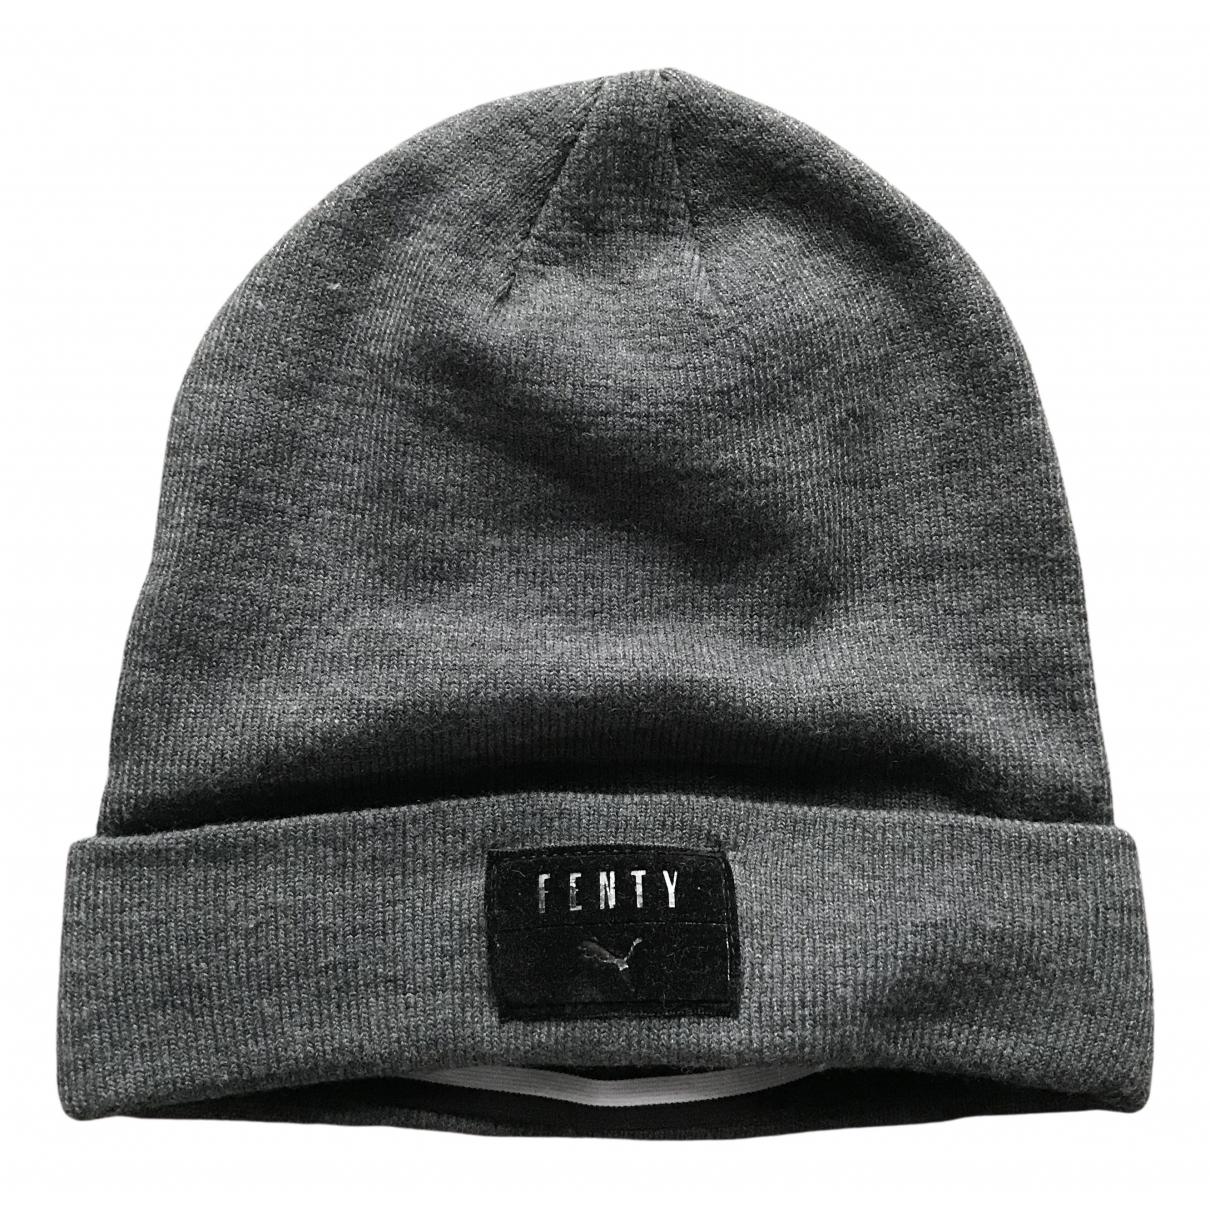 Fenty X Puma \N Grey hat & pull on hat for Men M International